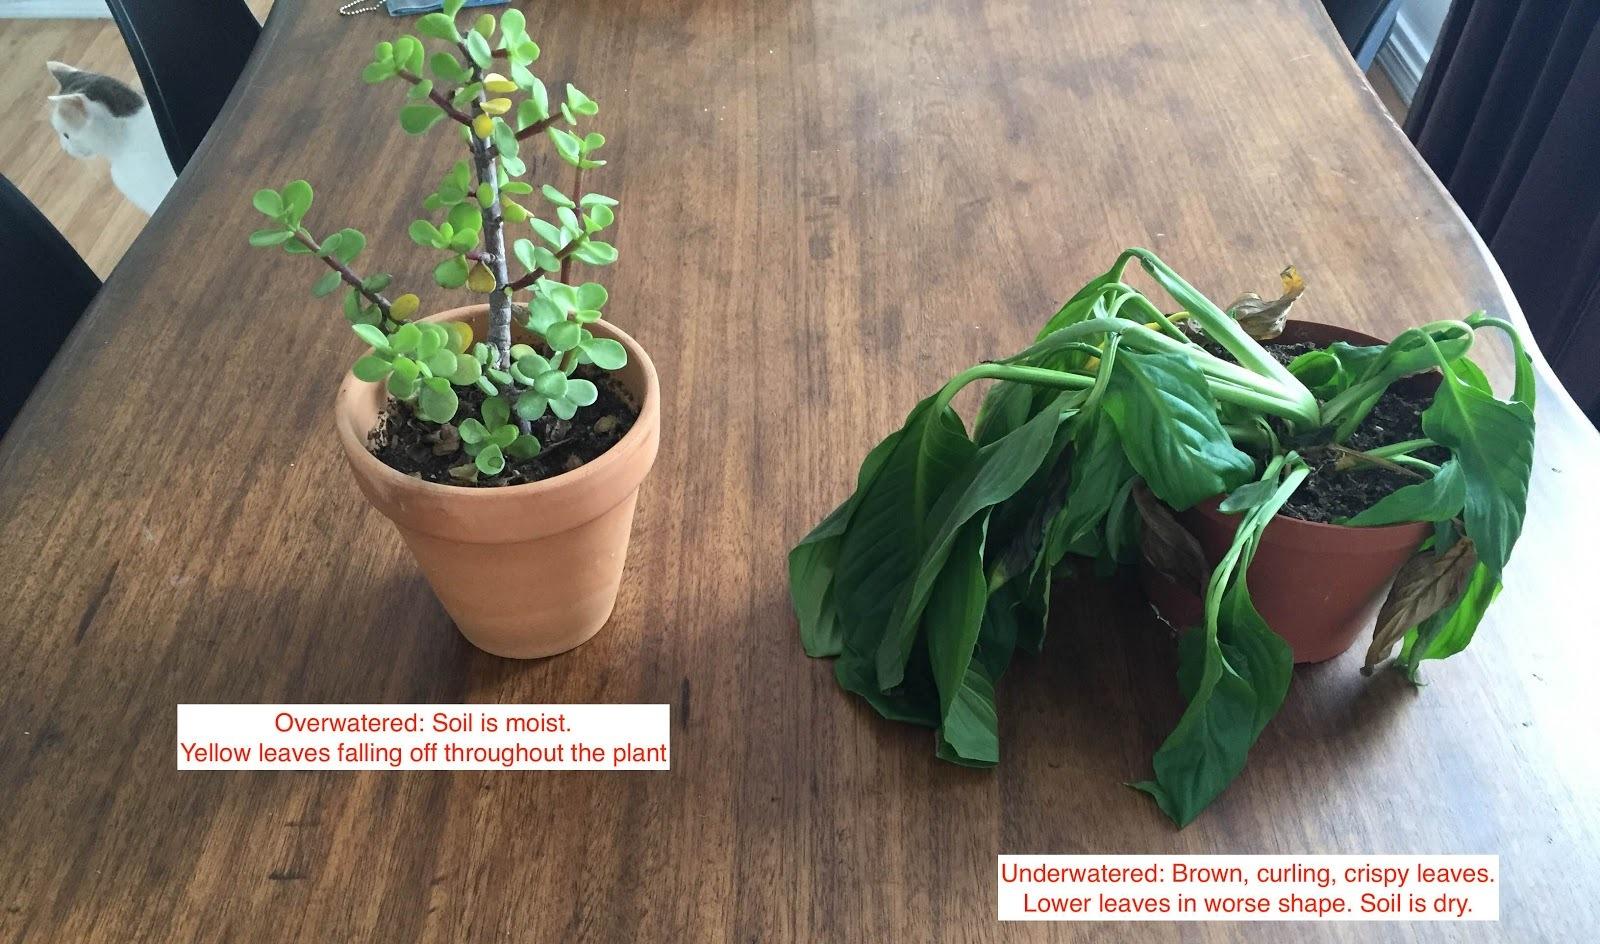 サボテンを枯らしてしまう人でもわかるほど簡単な、観葉植物を枯らさないための方法をご紹介します。水のあげ方、土選び、置き場所など、本格的なティップスであなたのグリーンを元気づけましょう1